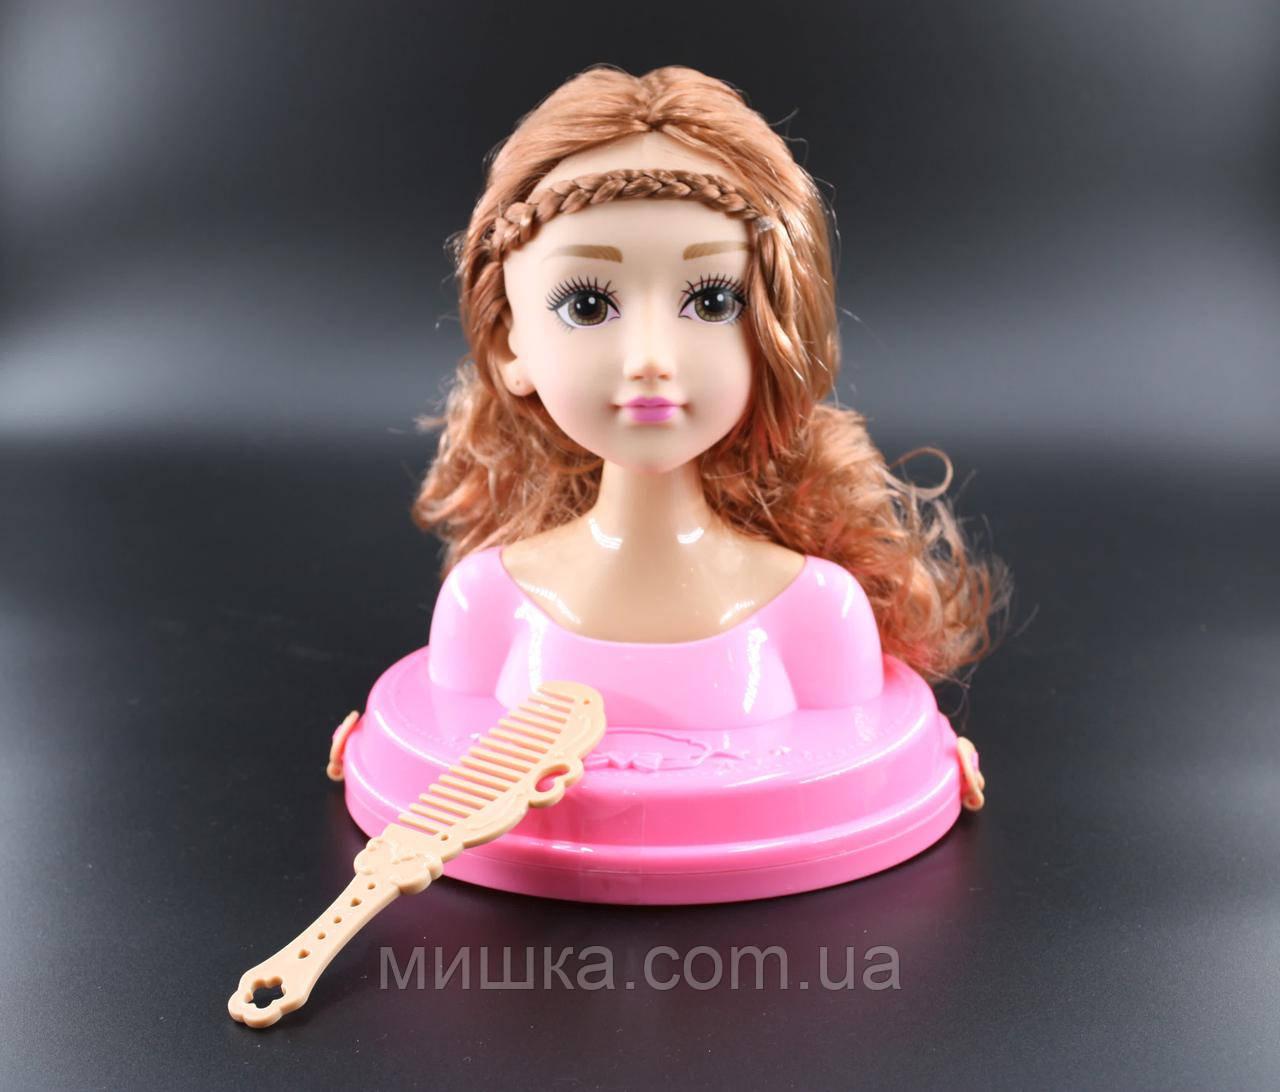 Дитячий манекен-лялька для створення зачісок і макіяжу В371-1